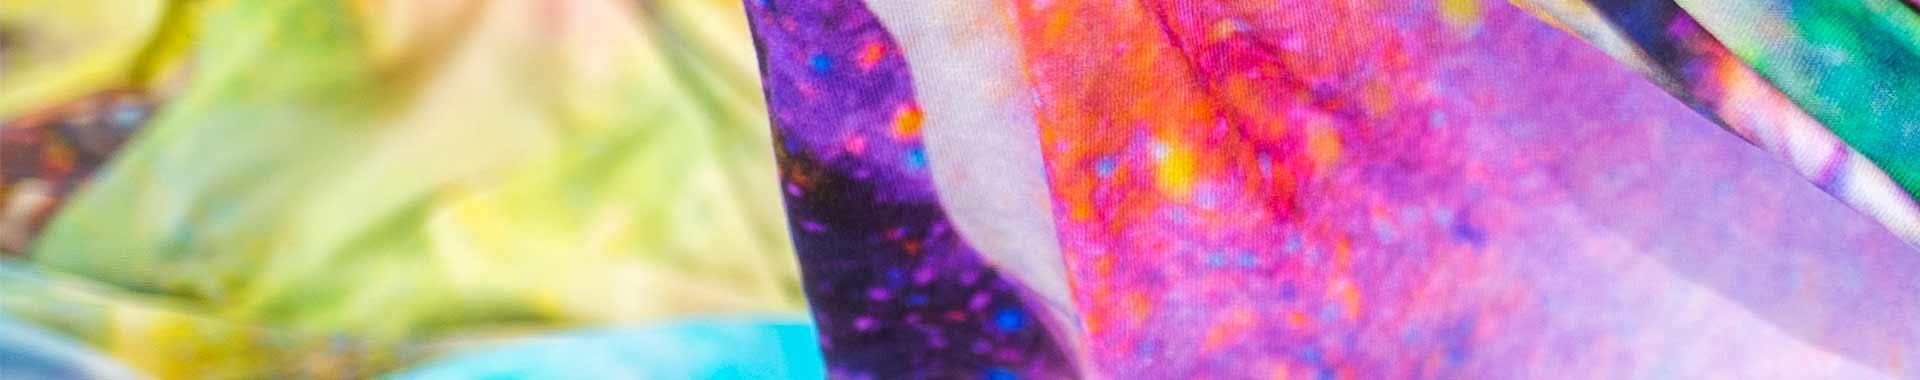 banner-think-colored-denk-bunt-bobs-fashion-serviceFSCmwESKkt7sG